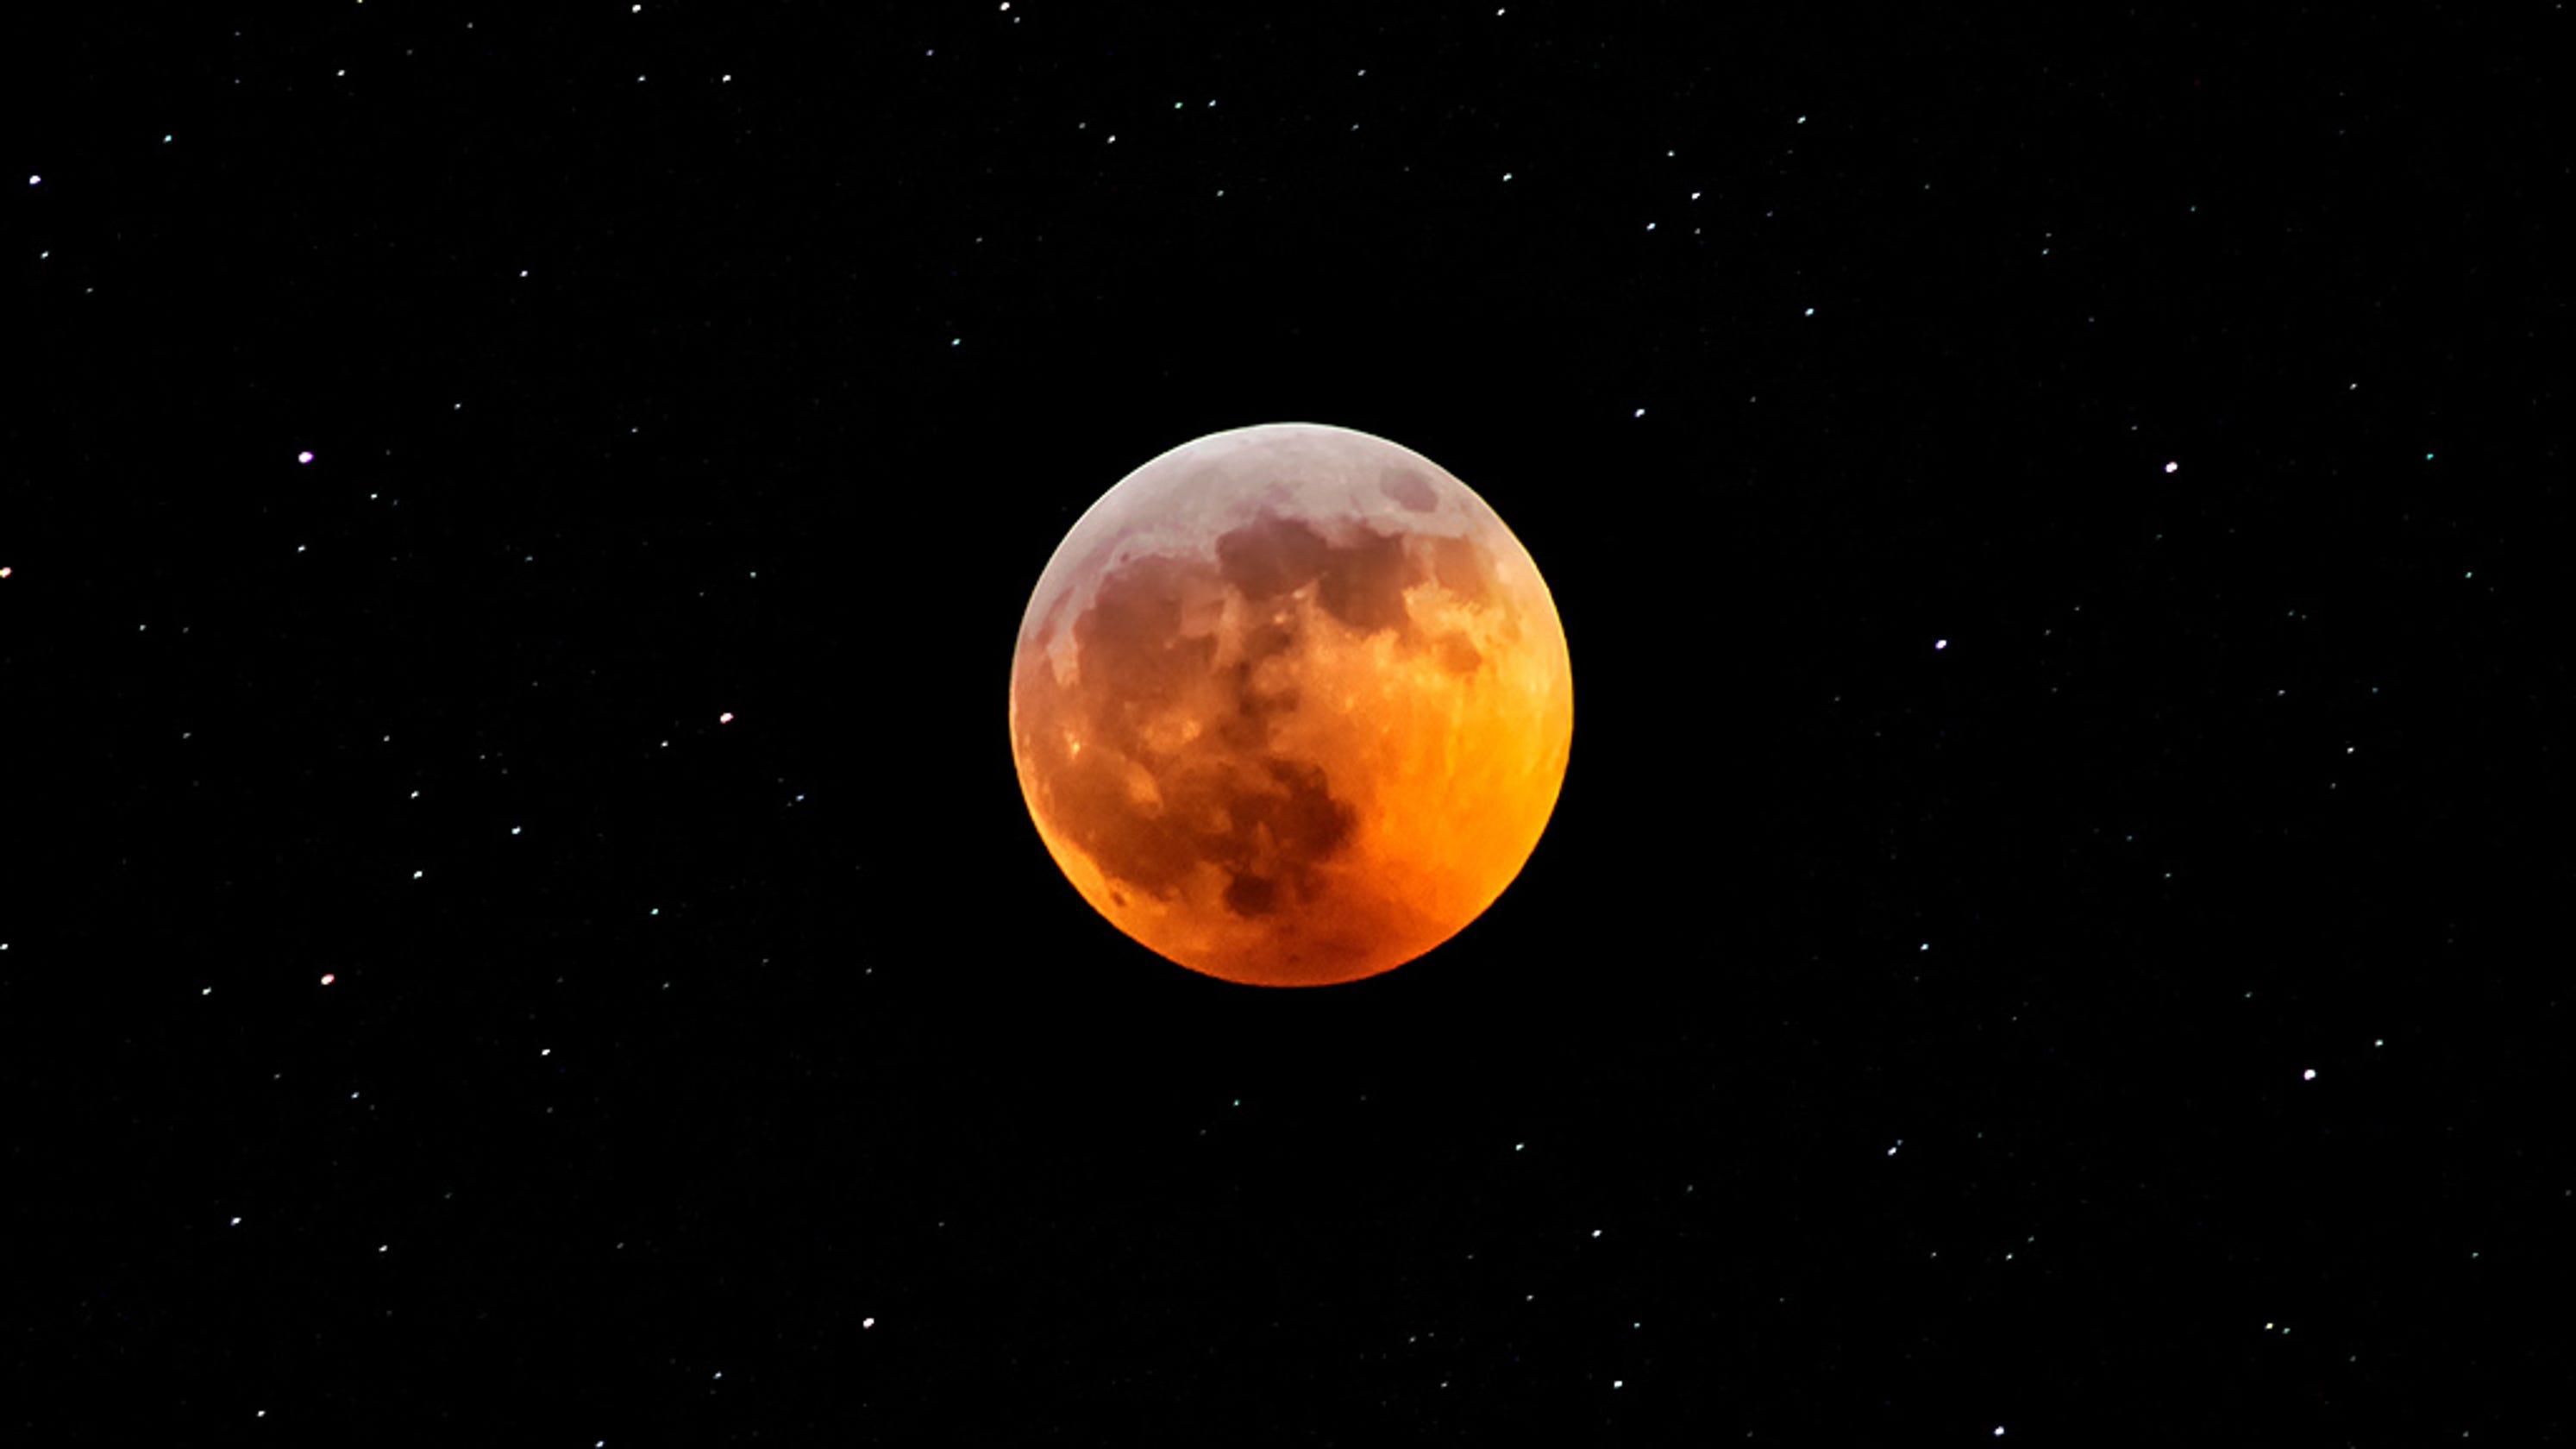 blood moon january 2019 michigan - photo #2